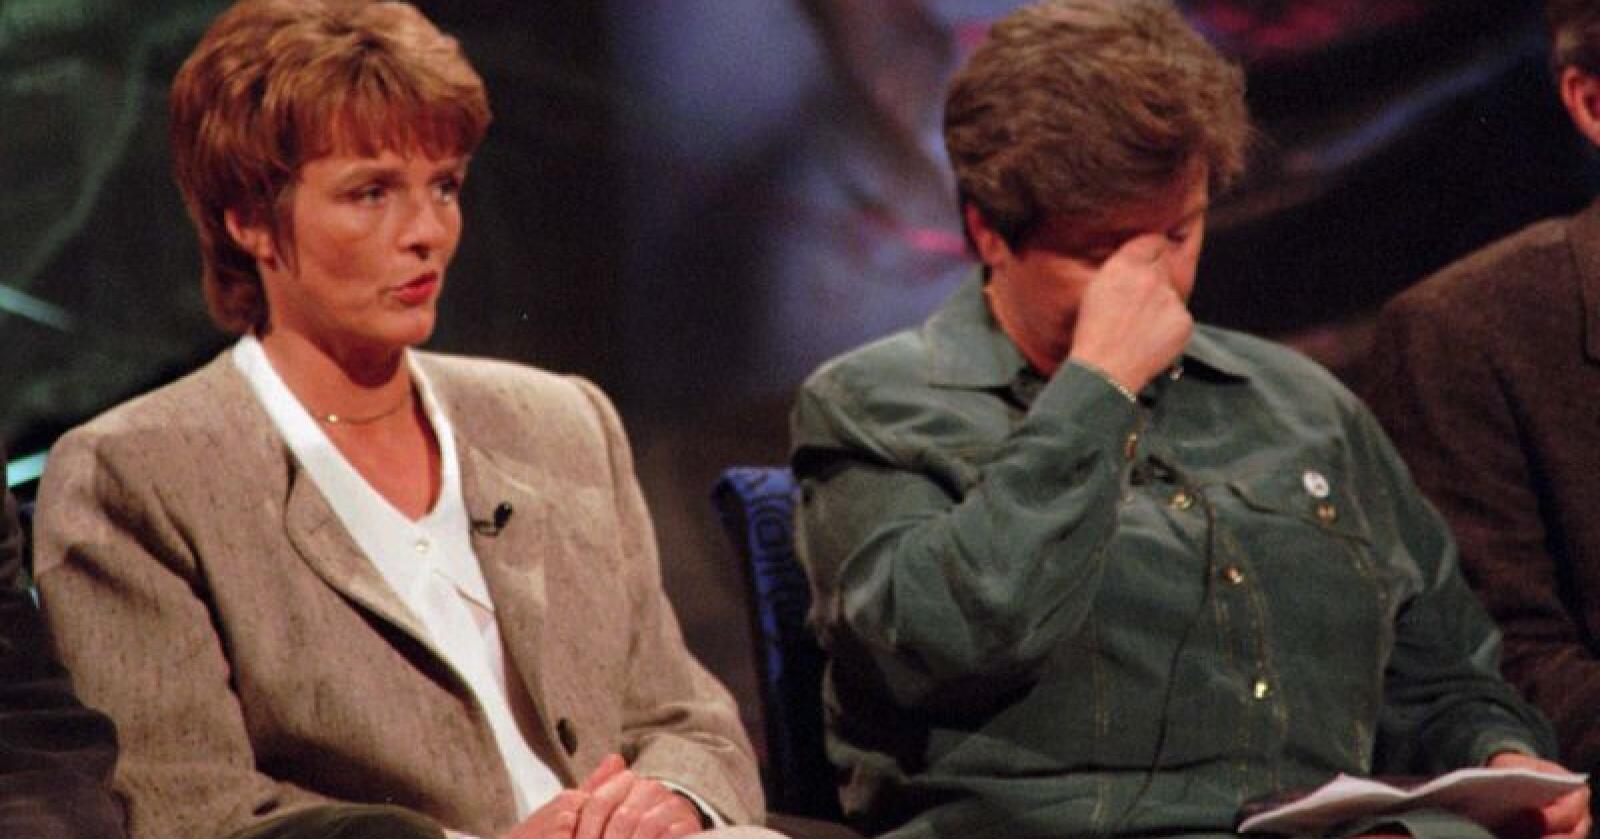 «Nei-dronning» Anne Enger Lahnstein (Sp) (t.v.) og statsminister Gro Harlem Brundtland (Ap) under partilederdebatten etter folkeavstemningen om norsk EU-medlemskap i 1994. NTB arkivfoto: Jon Eeg / NTB scanpix